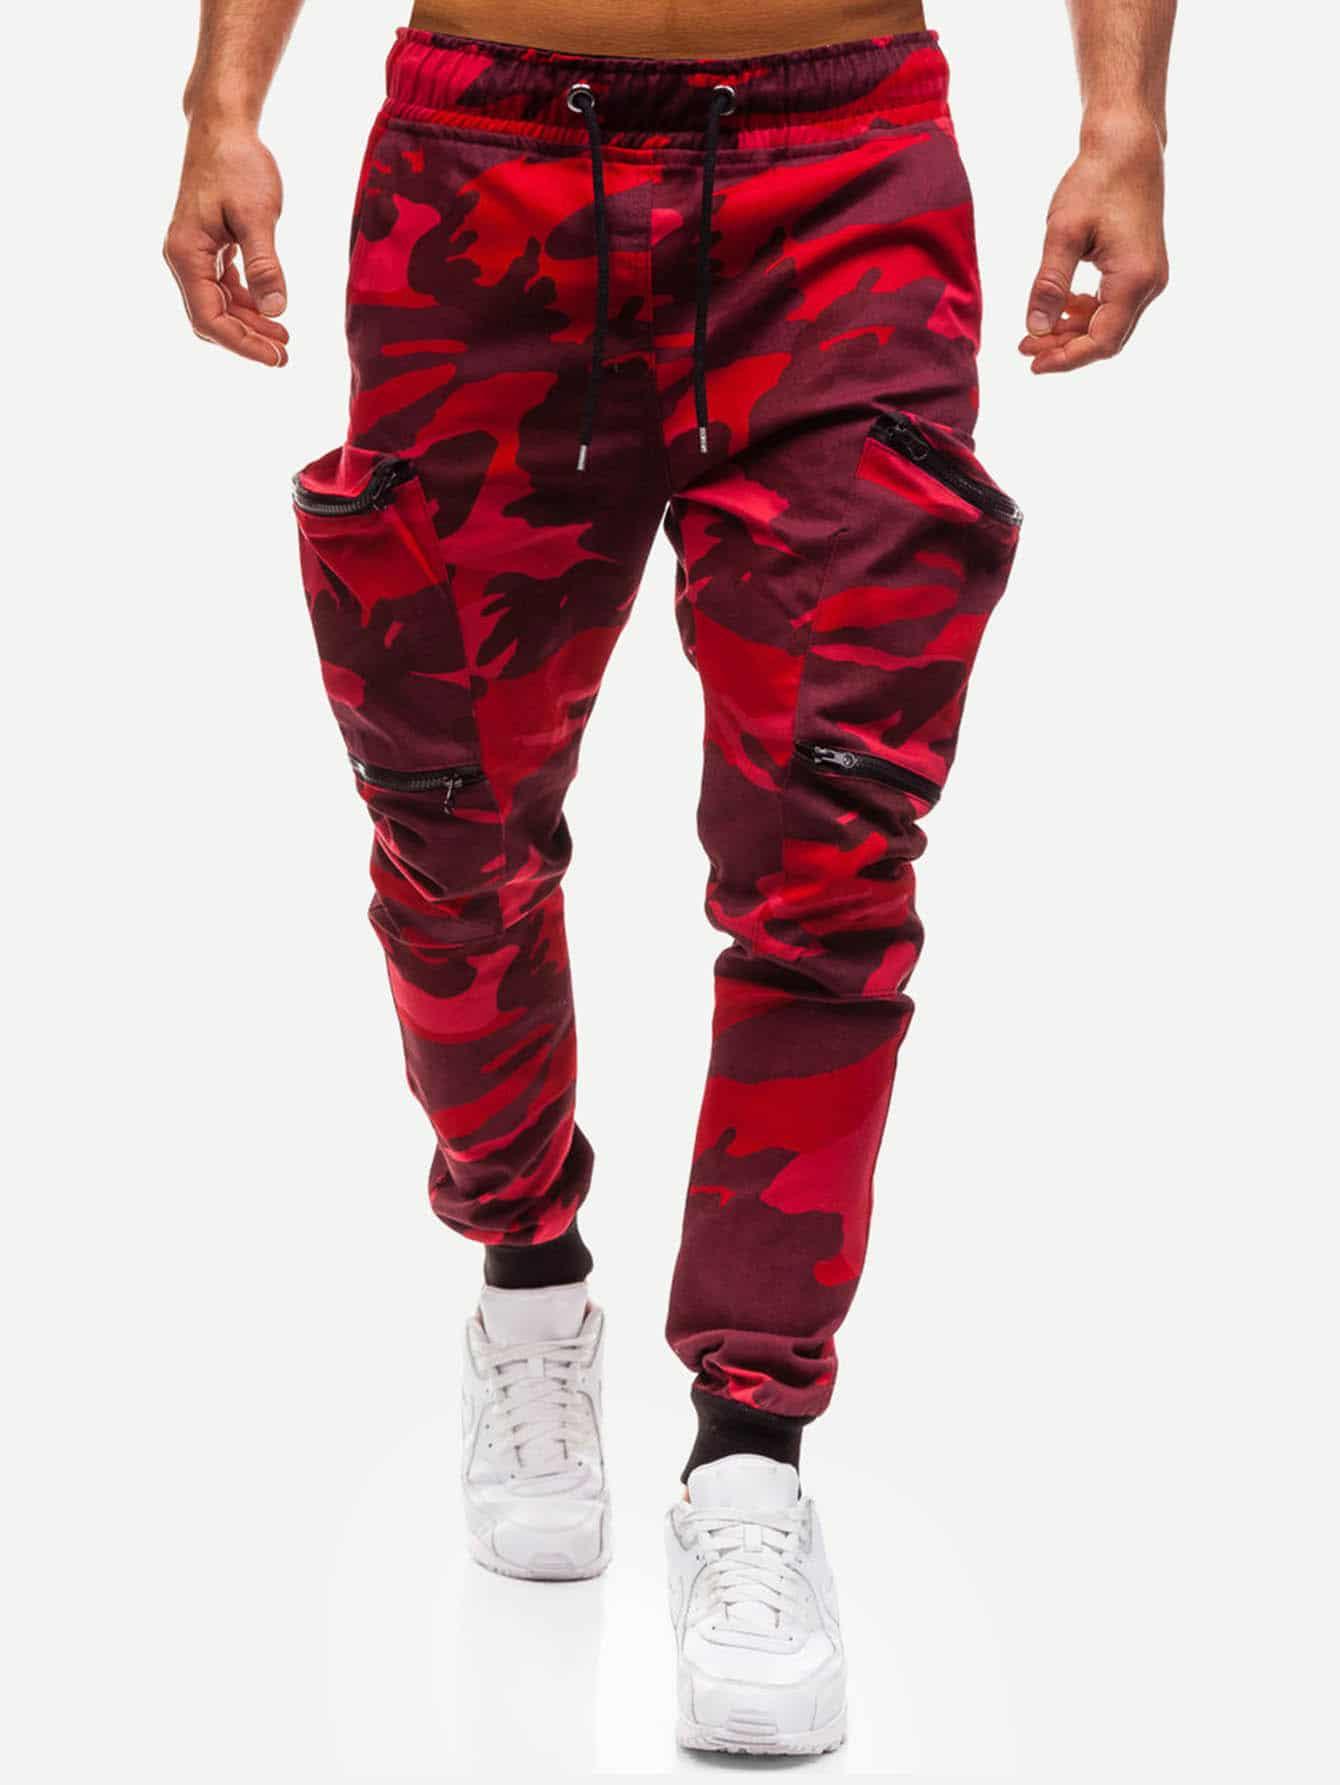 Купить Камуфляж Карман Ржаво-коричневый Мужские брюки, null, SheIn